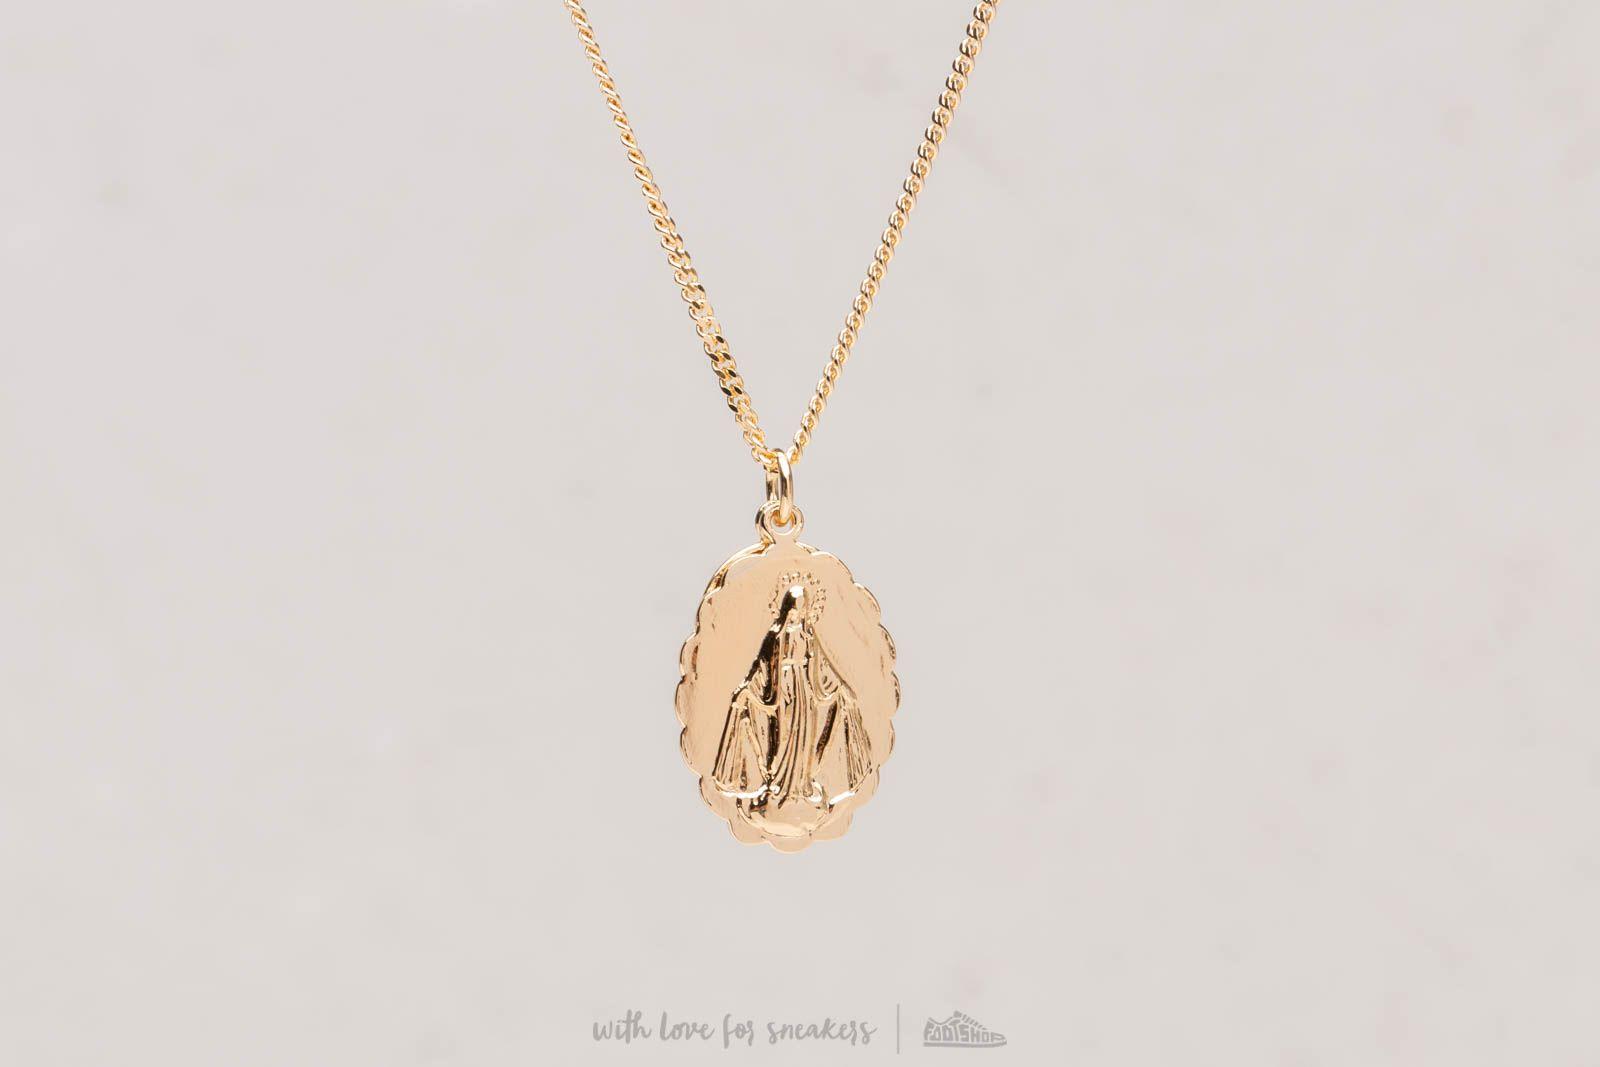 Miansai Mini Saint Necklace Gold Vermeil